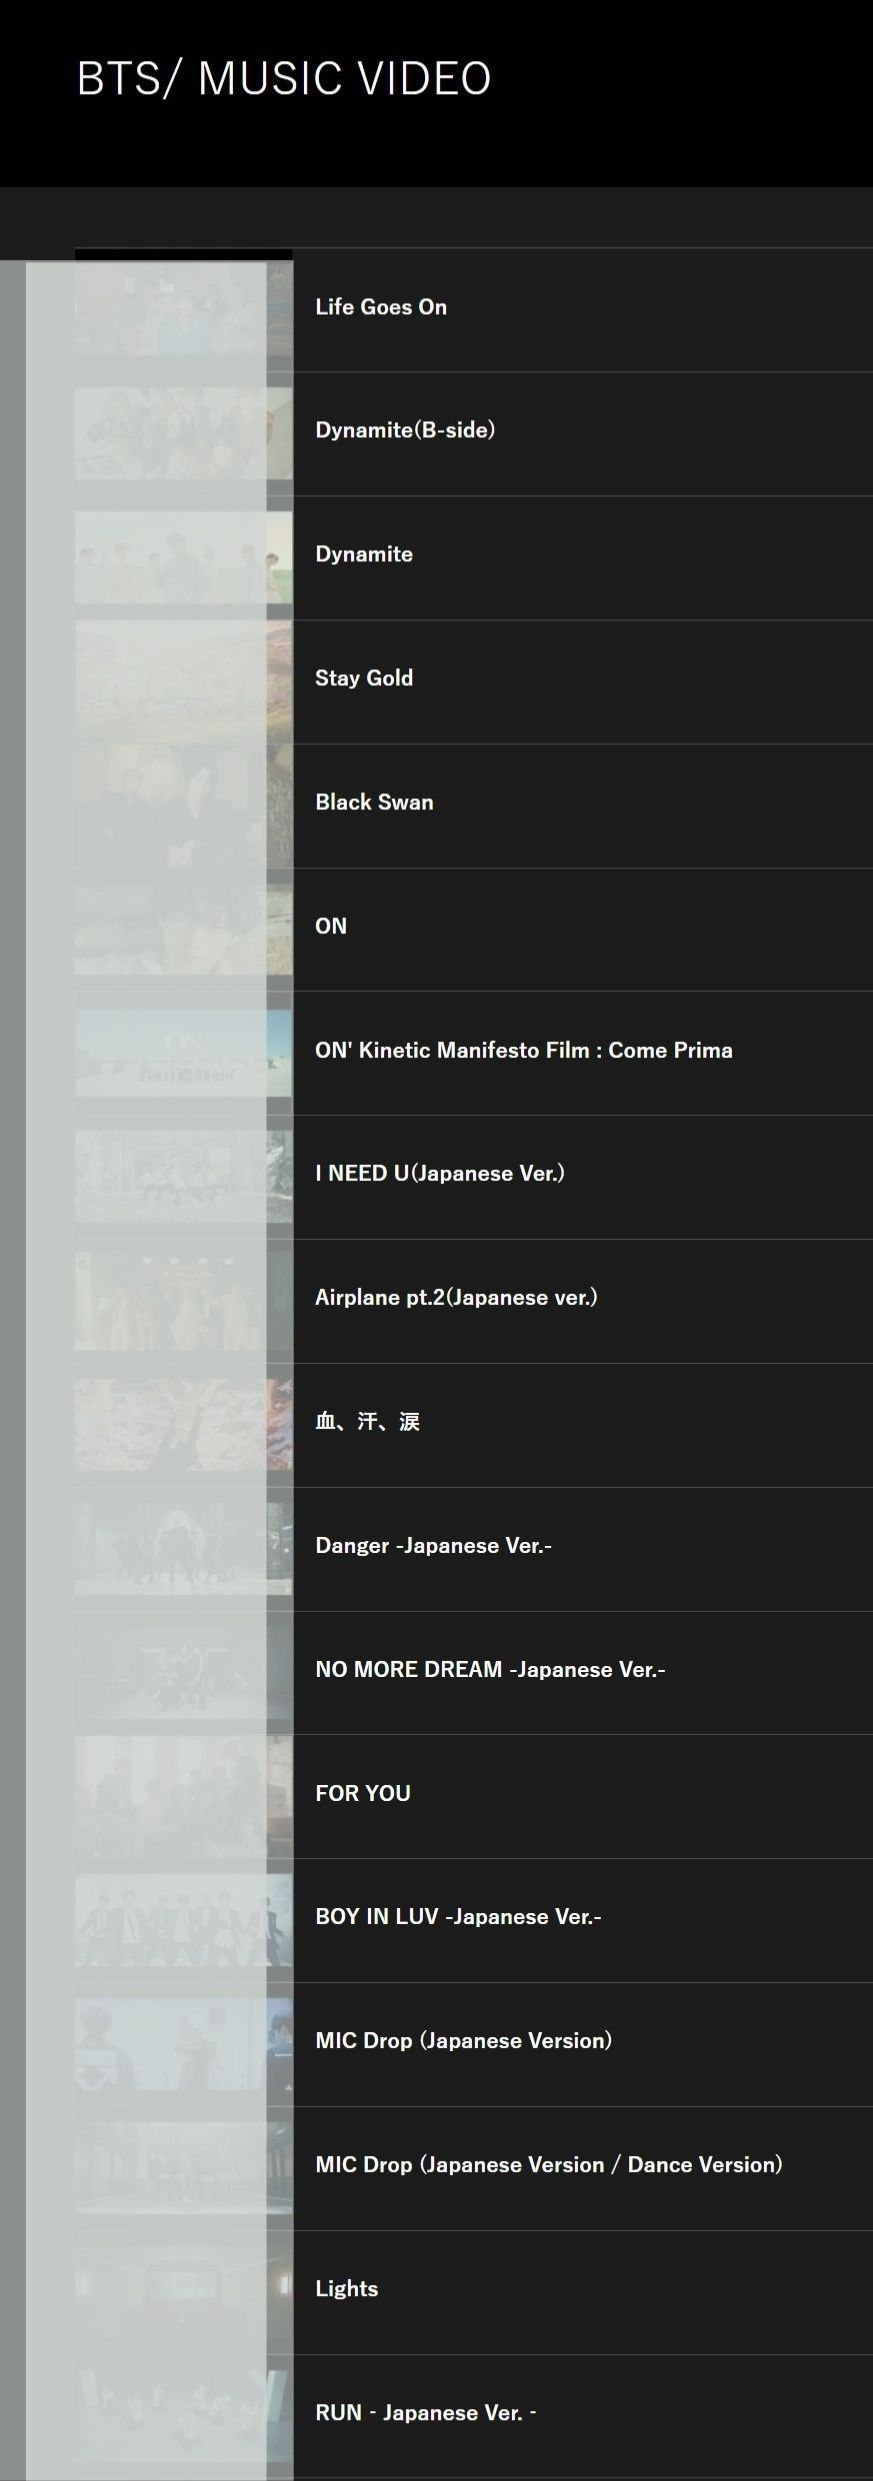 BTS on dTVの動画の無料視聴方法